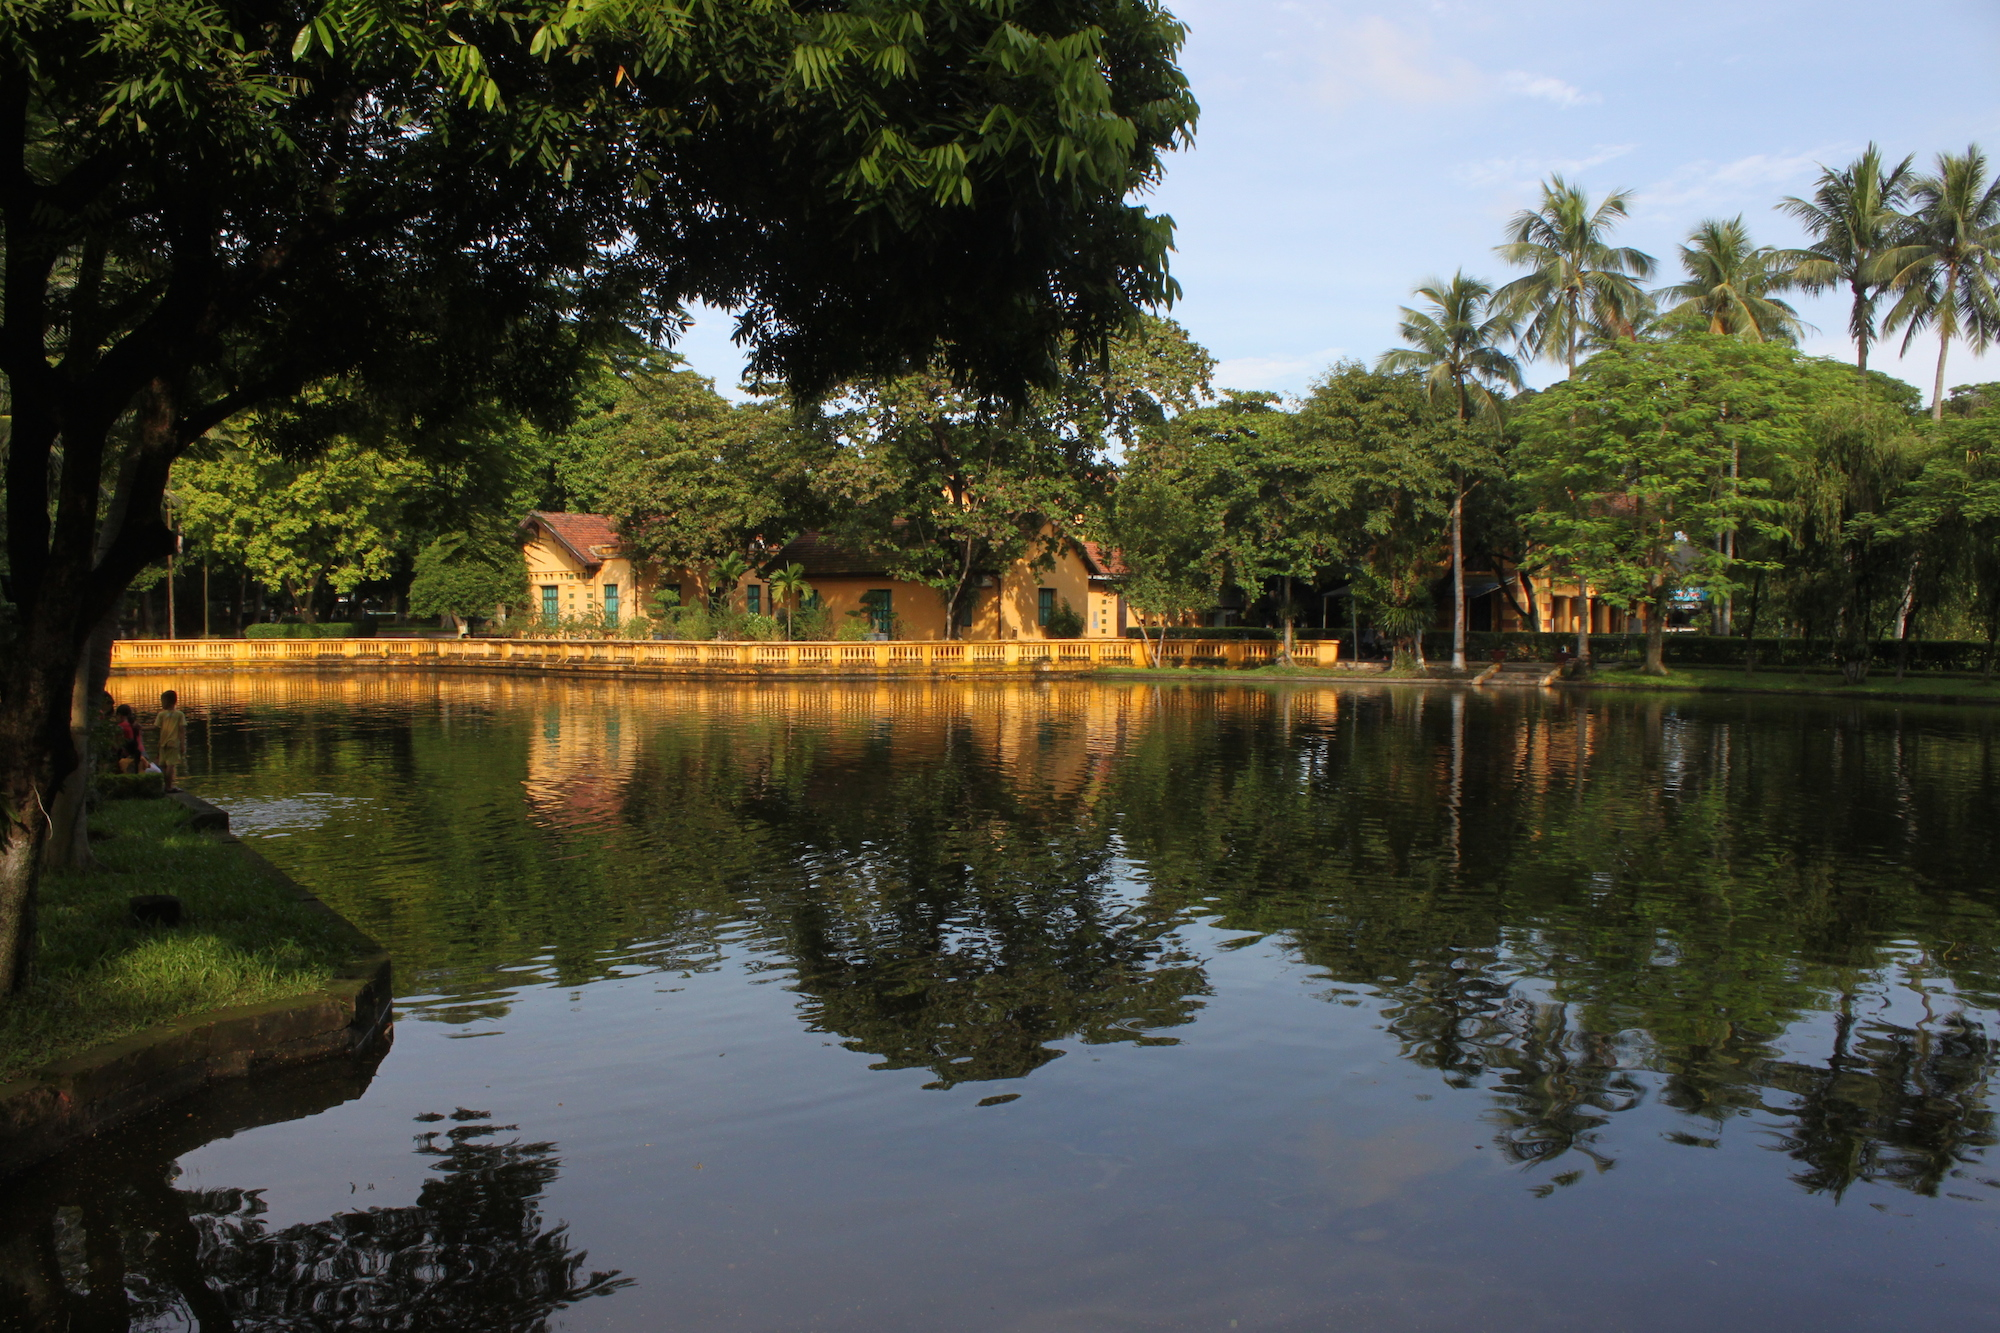 La residenza di Ho Chi Minh